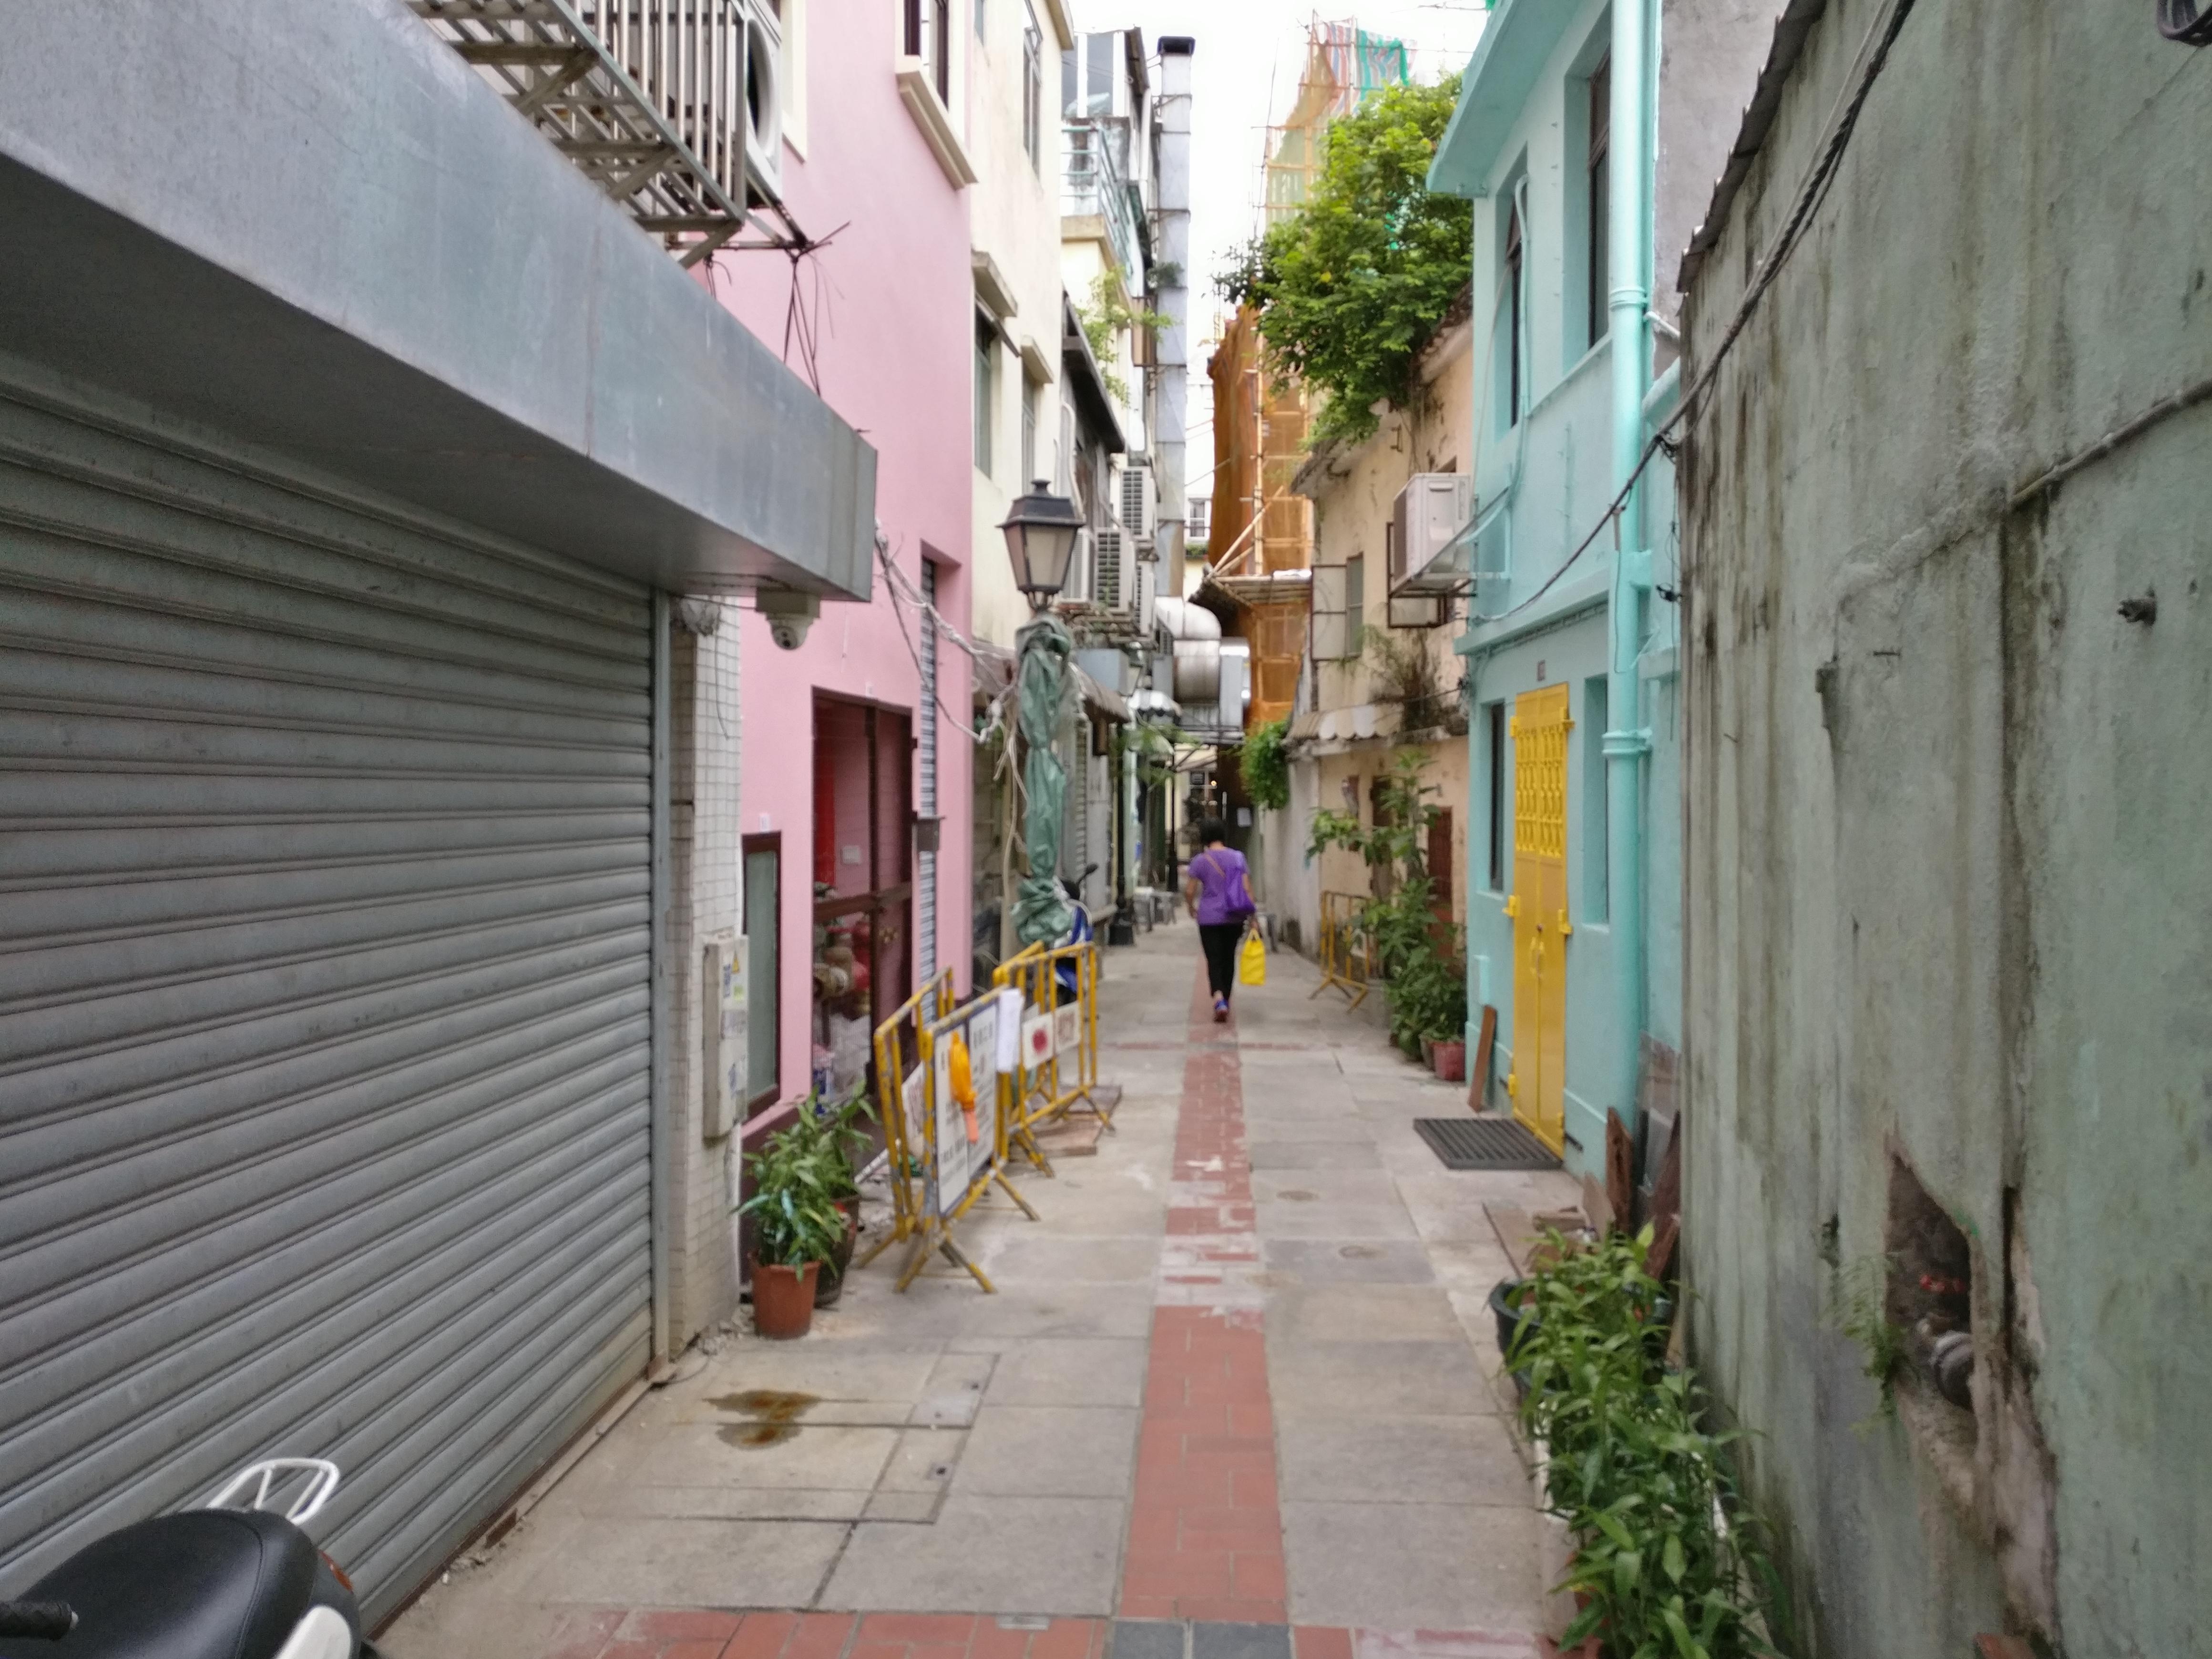 Macau: Eine kleine Gasse neben der Touristraße